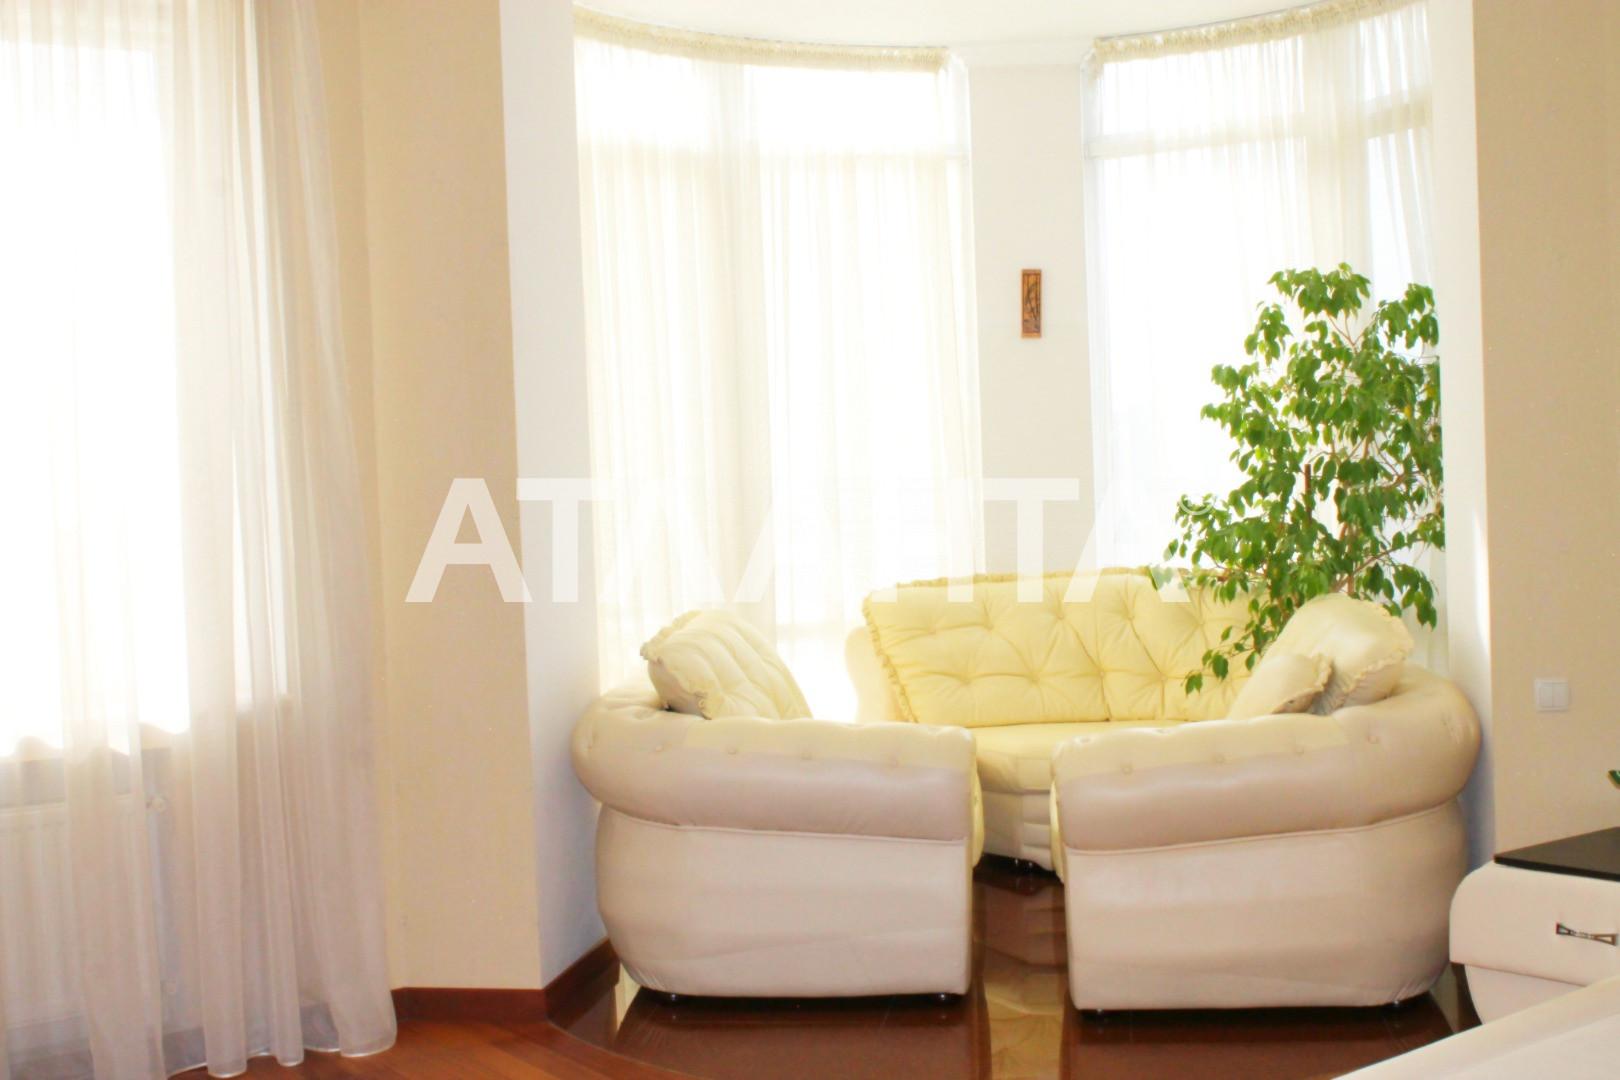 Продается 2-комнатная Квартира на ул. Фонтанская Дор. (Перекопской Дивизии) — 300 000 у.е. (фото №2)